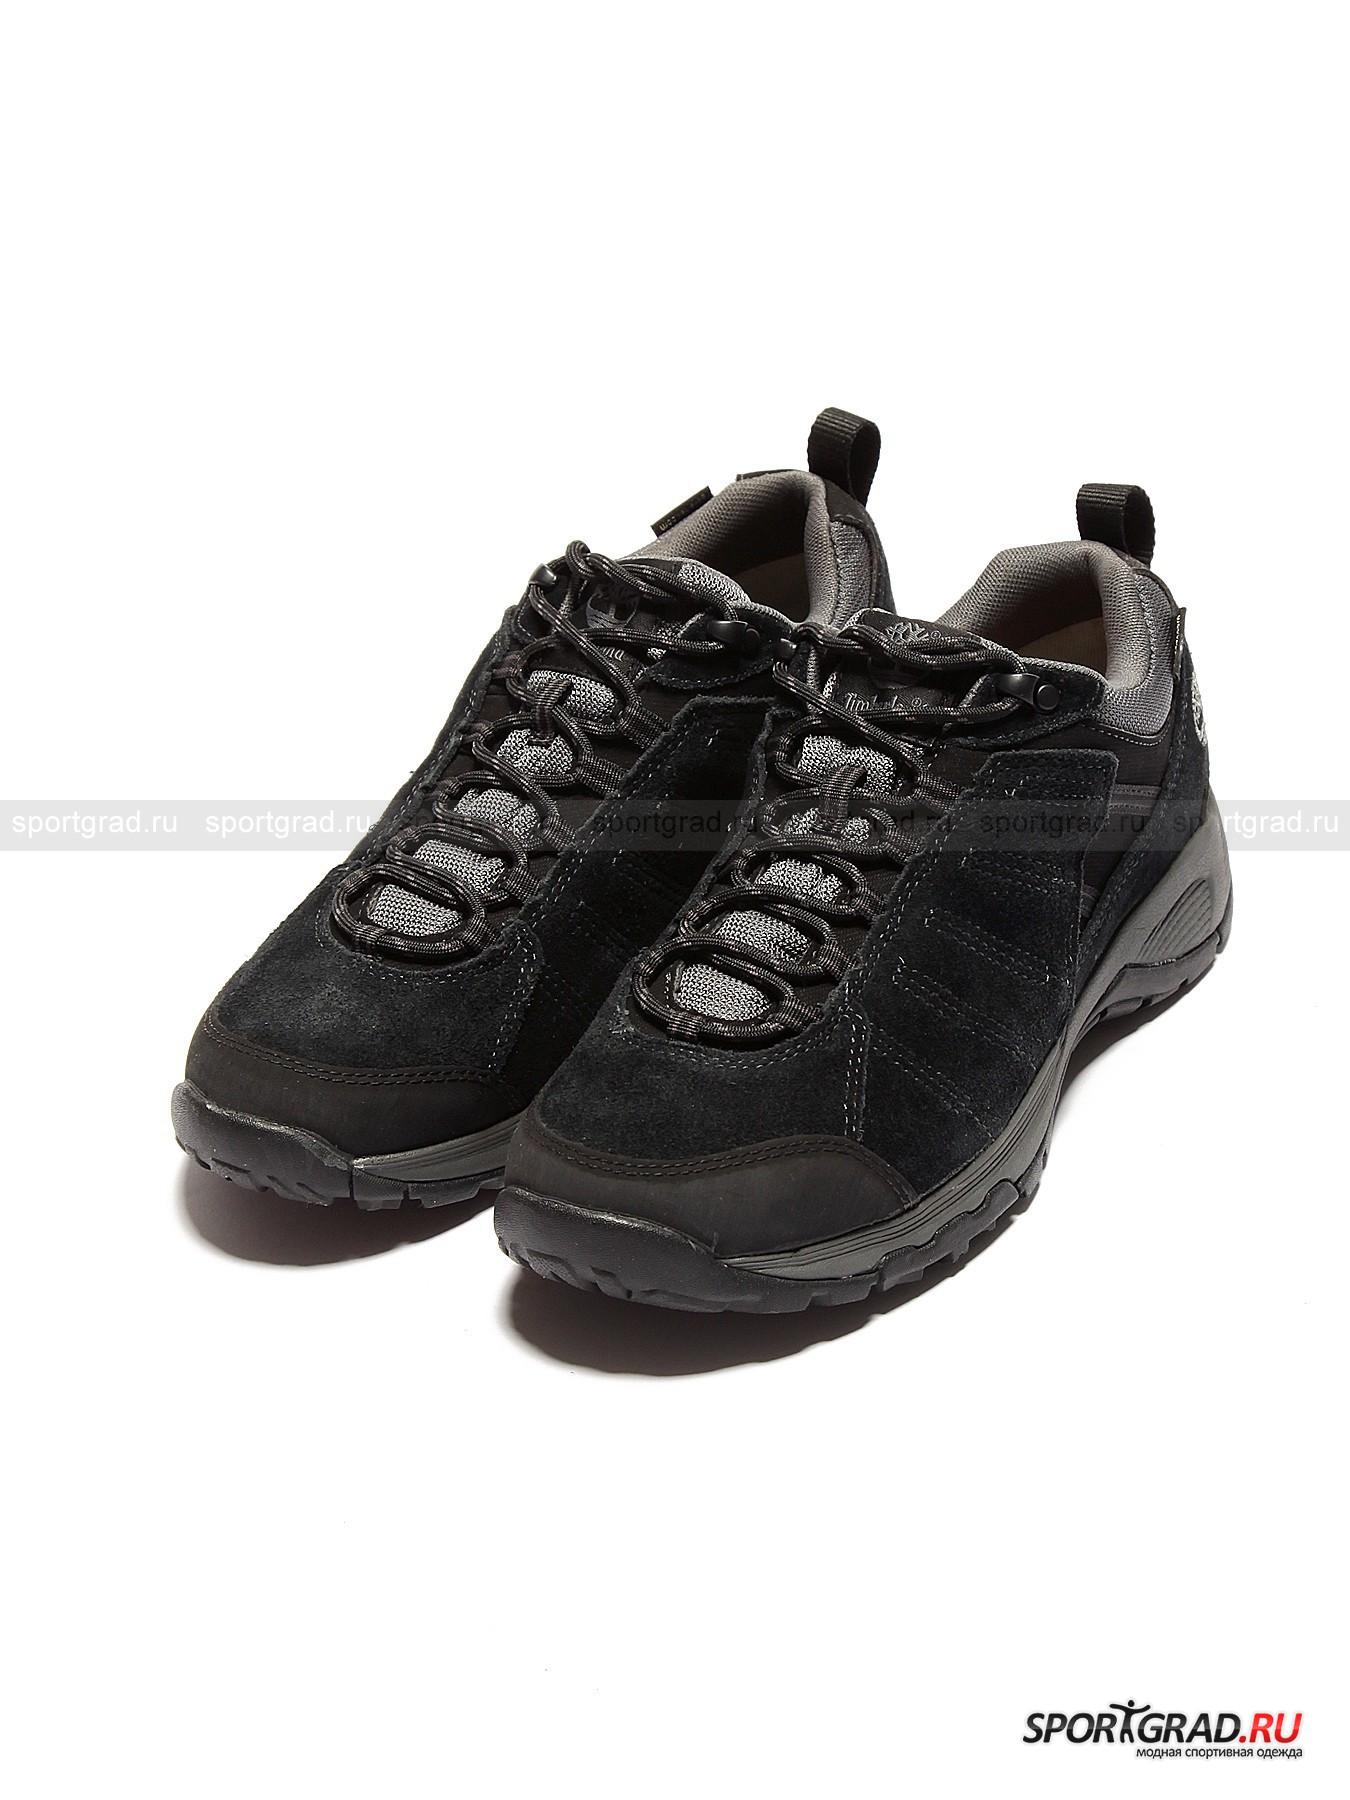 Кроссовки мужские непромокаемые TIMBERLANDКроссовки<br>Мужские городские кроссовки Timberland  из замши с набивками из прочного износоустойчивого материала сзади и на носке – модная защита от осенней слякоти и дождей, которая благодаря водонепроницаемой дышащей мембране Gore-Tex® и технологии бесшовного соединения подошвы с верхом обуви сохранит Ваши ноги в сухости и тепле. Плотный обхват щиколотки, возможный благодаря мягкому упругому «воротнику» также не позволит влаге или холоду проникнуть внутрь. Помимо этого, создатели модели позаботились о том, чтобы Вам было легко передвигаться: разработчики сумели достичь идеальный баланс между амортизацией, поддержкой и внутренним климат-контролем кроссовок.<br><br>Изделие имеет:<br>- язычок-«подушечку», способствующий лучшему прилеганию к стопе и фиксации изделия на ноге;<br>- шнуровку из сверхпрочного таслан-волокна, пропущенную через множество текстильных петель и одну пару нержавеющих металлических;<br>- подкладку, способную удерживать комфортную температуру, близкую к температуре человеческого тела;<br>- устойчивую подметку с протектором Gripstick, гарантирующую превосходное сцепление с любой (даже мокрой) поверхностью, которую Вы выбрали для своего маршрута;<br>- съемную стельку-антистресс;<br>- гарнирование в виде декоративной прострочки и эмблемы на язычке плюс сбоку на пятке;<br>- надежно пришитую петлю сзади.<br><br>Пол: Мужской<br>Возраст: Взрослый<br>Тип: Кроссовки<br>Состав: Верх: замша + текстиль. Подкладка и стелька: текстиль. Подошва: искусственные материалы.